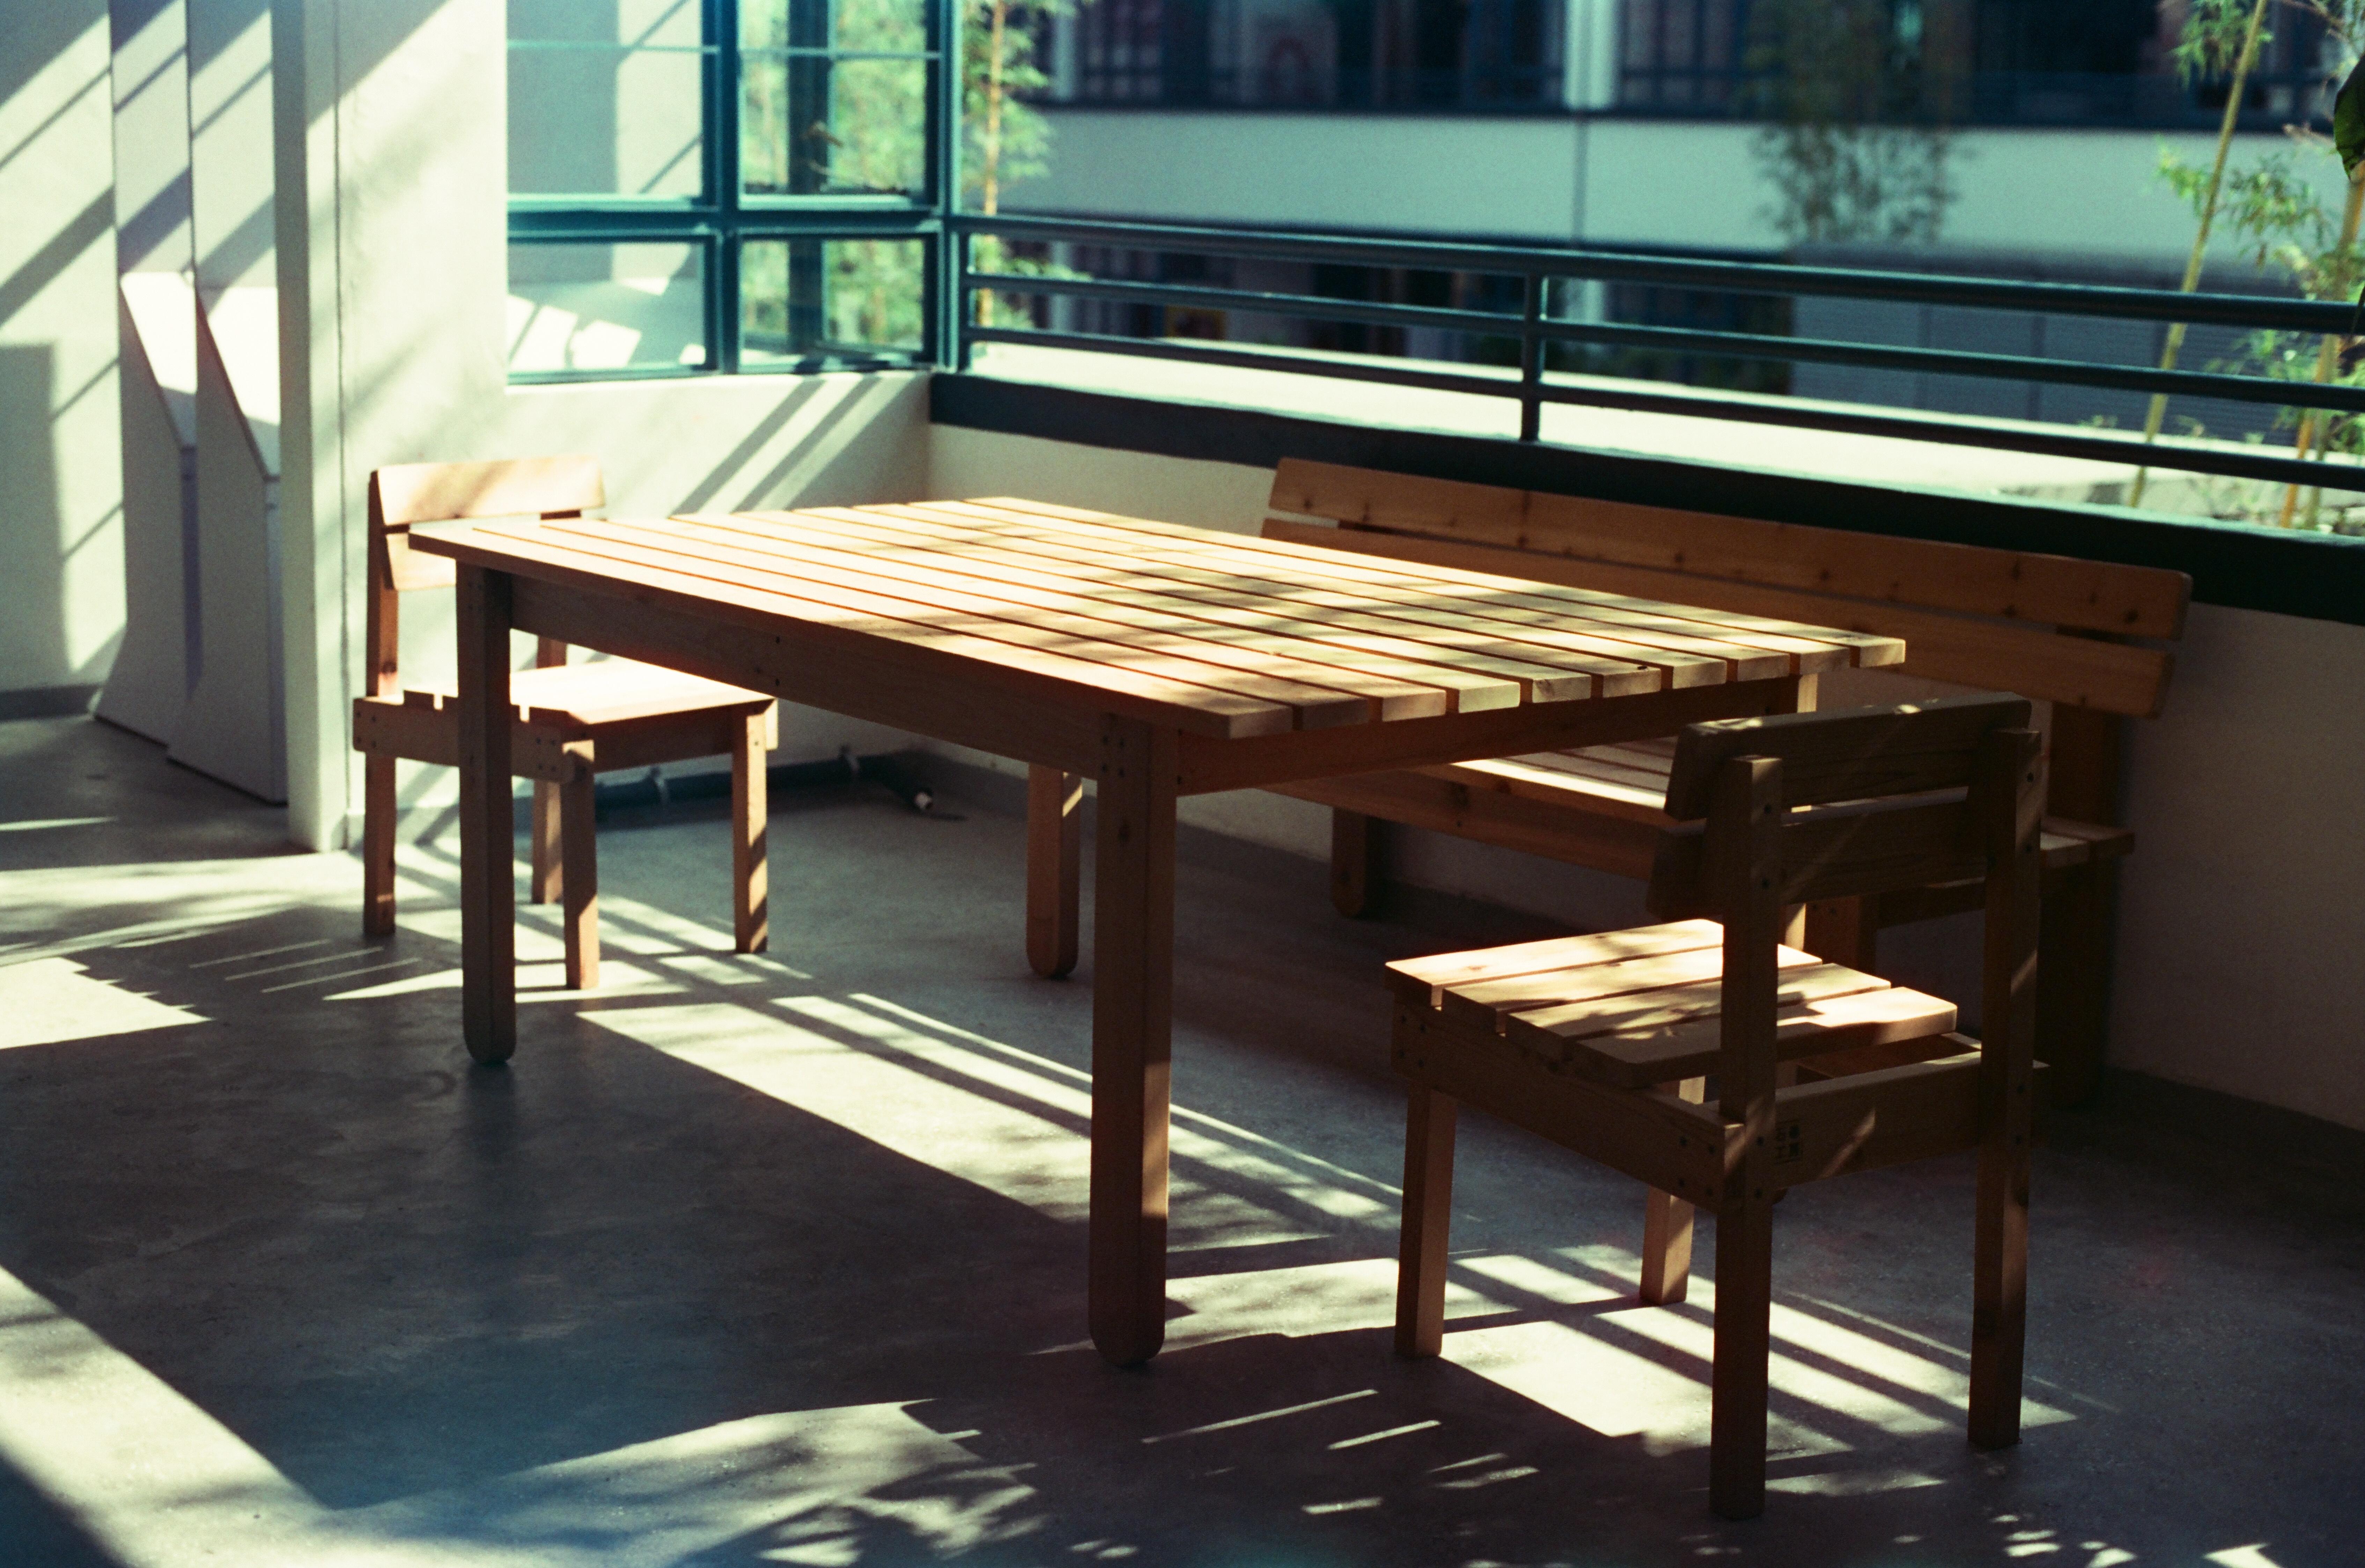 Fotos gratis : escritorio, mesa, madera, banco, luz de sol, rayo ...